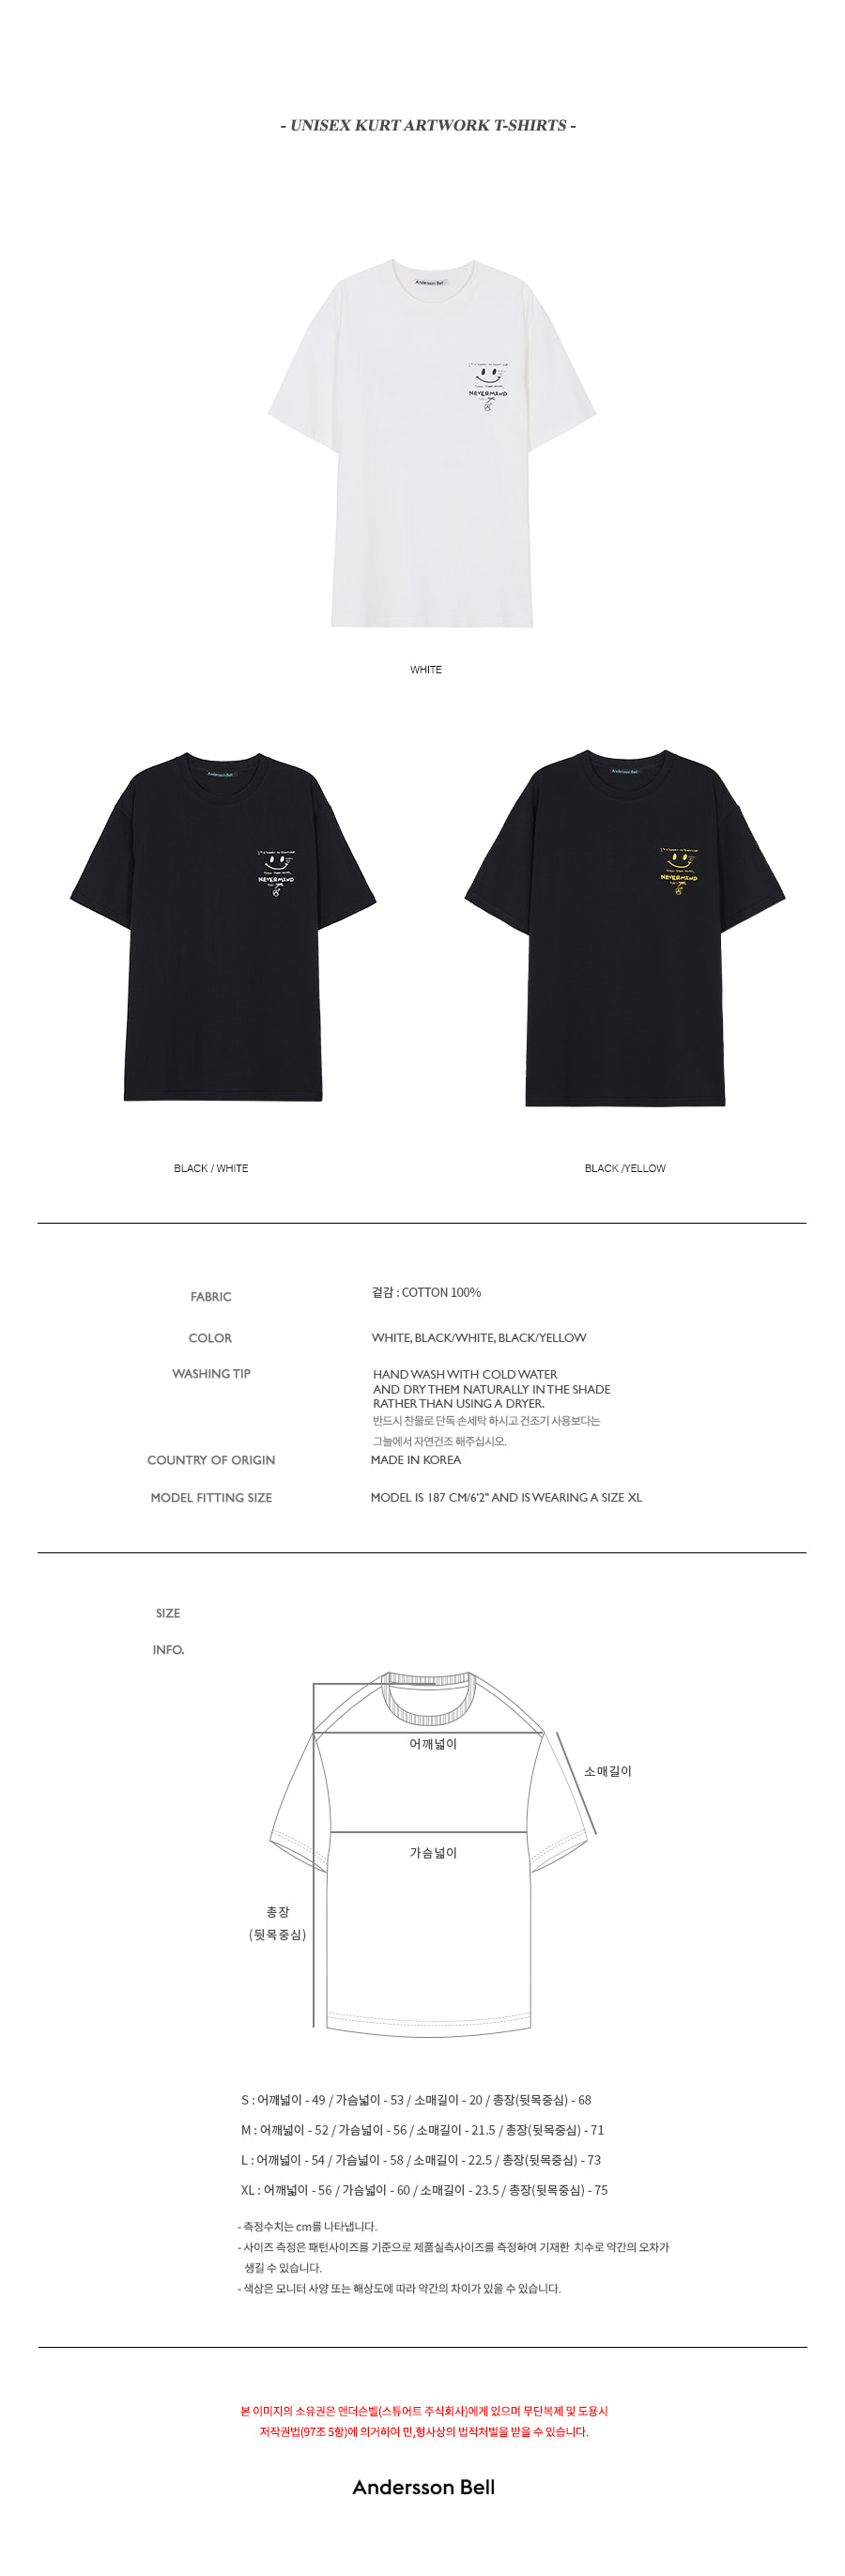 앤더슨벨(ANDERSSON BELL) 유니섹스 커트 아트웍 티셔츠 atb596u(BLACK/YELLOW)